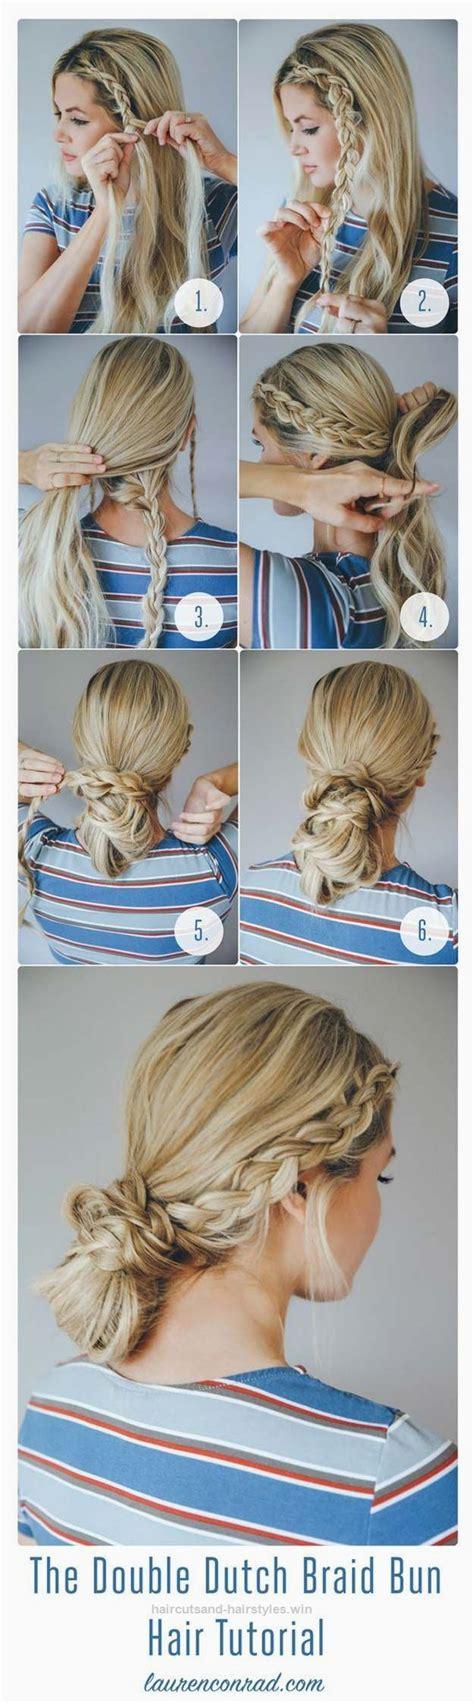 Festival Hair Tutorials The Double Dutch Braid Bun